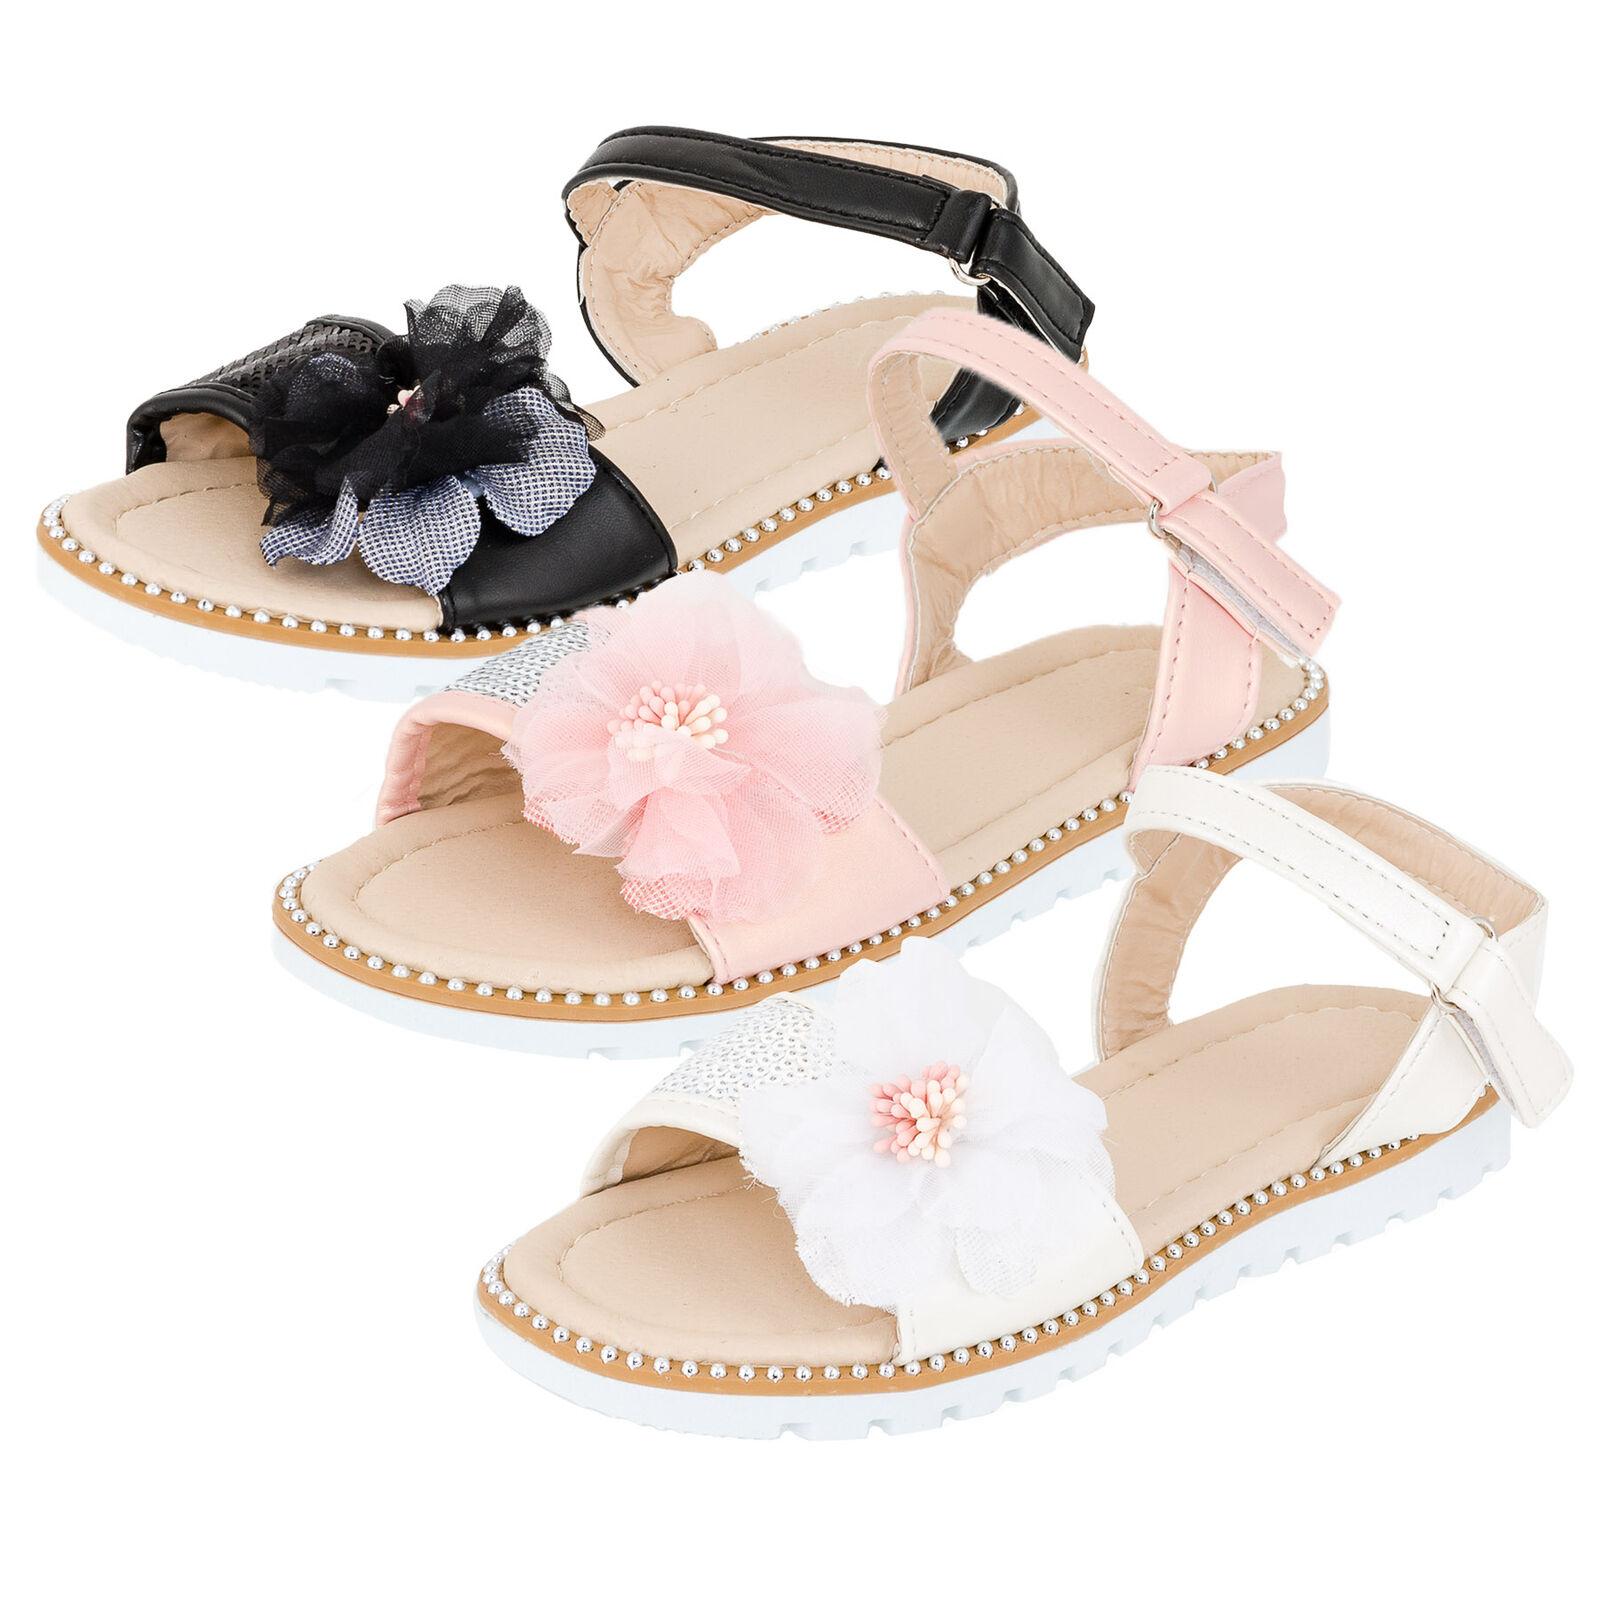 Mädchen Sandalen Sandaletten Kinder Schuhe mit Klettverschluss Hochzeit Freizeit